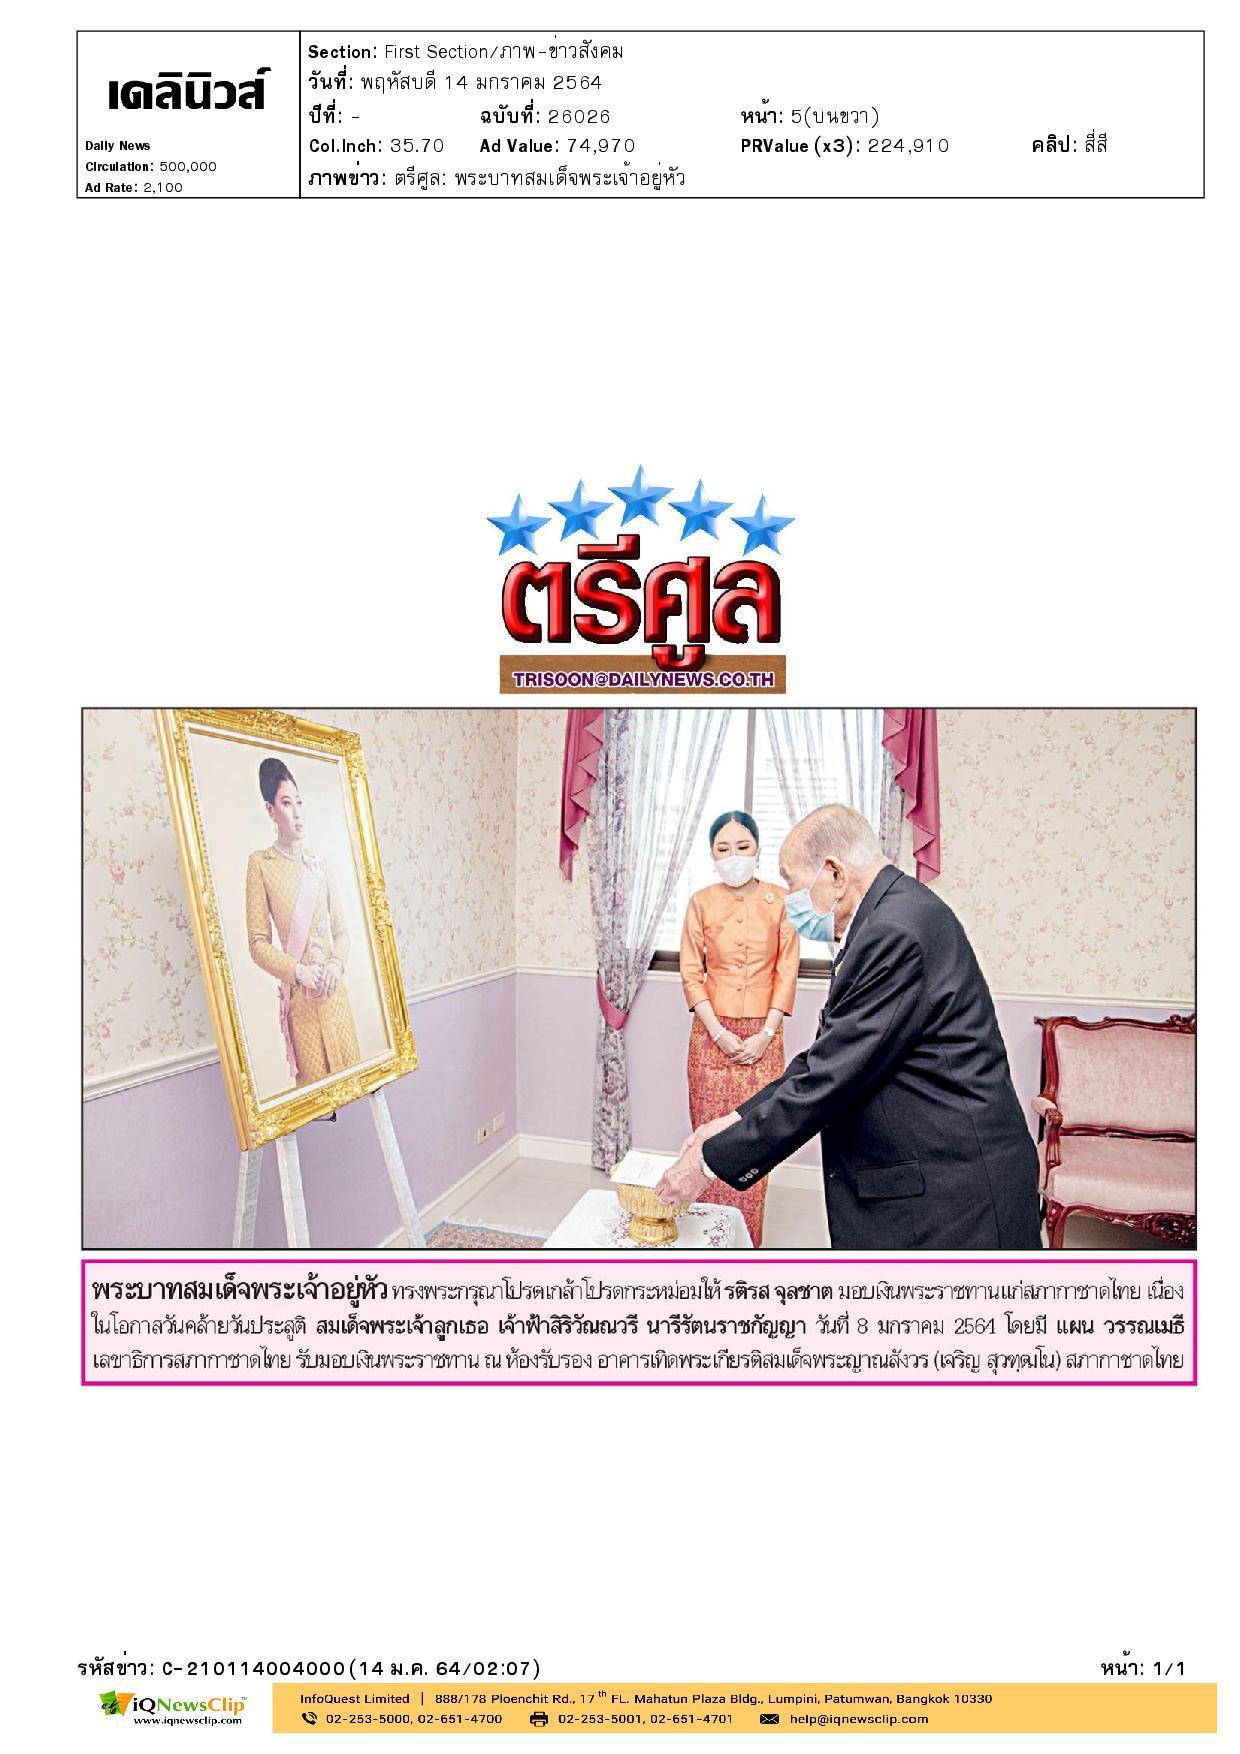 พระบาทสมเด็จพระเจ้าอยู่หัว ทรงพระกรุณาโปรดเกล้าฯ มอบเงินพระราชทานแก่สภากาชาดไทย